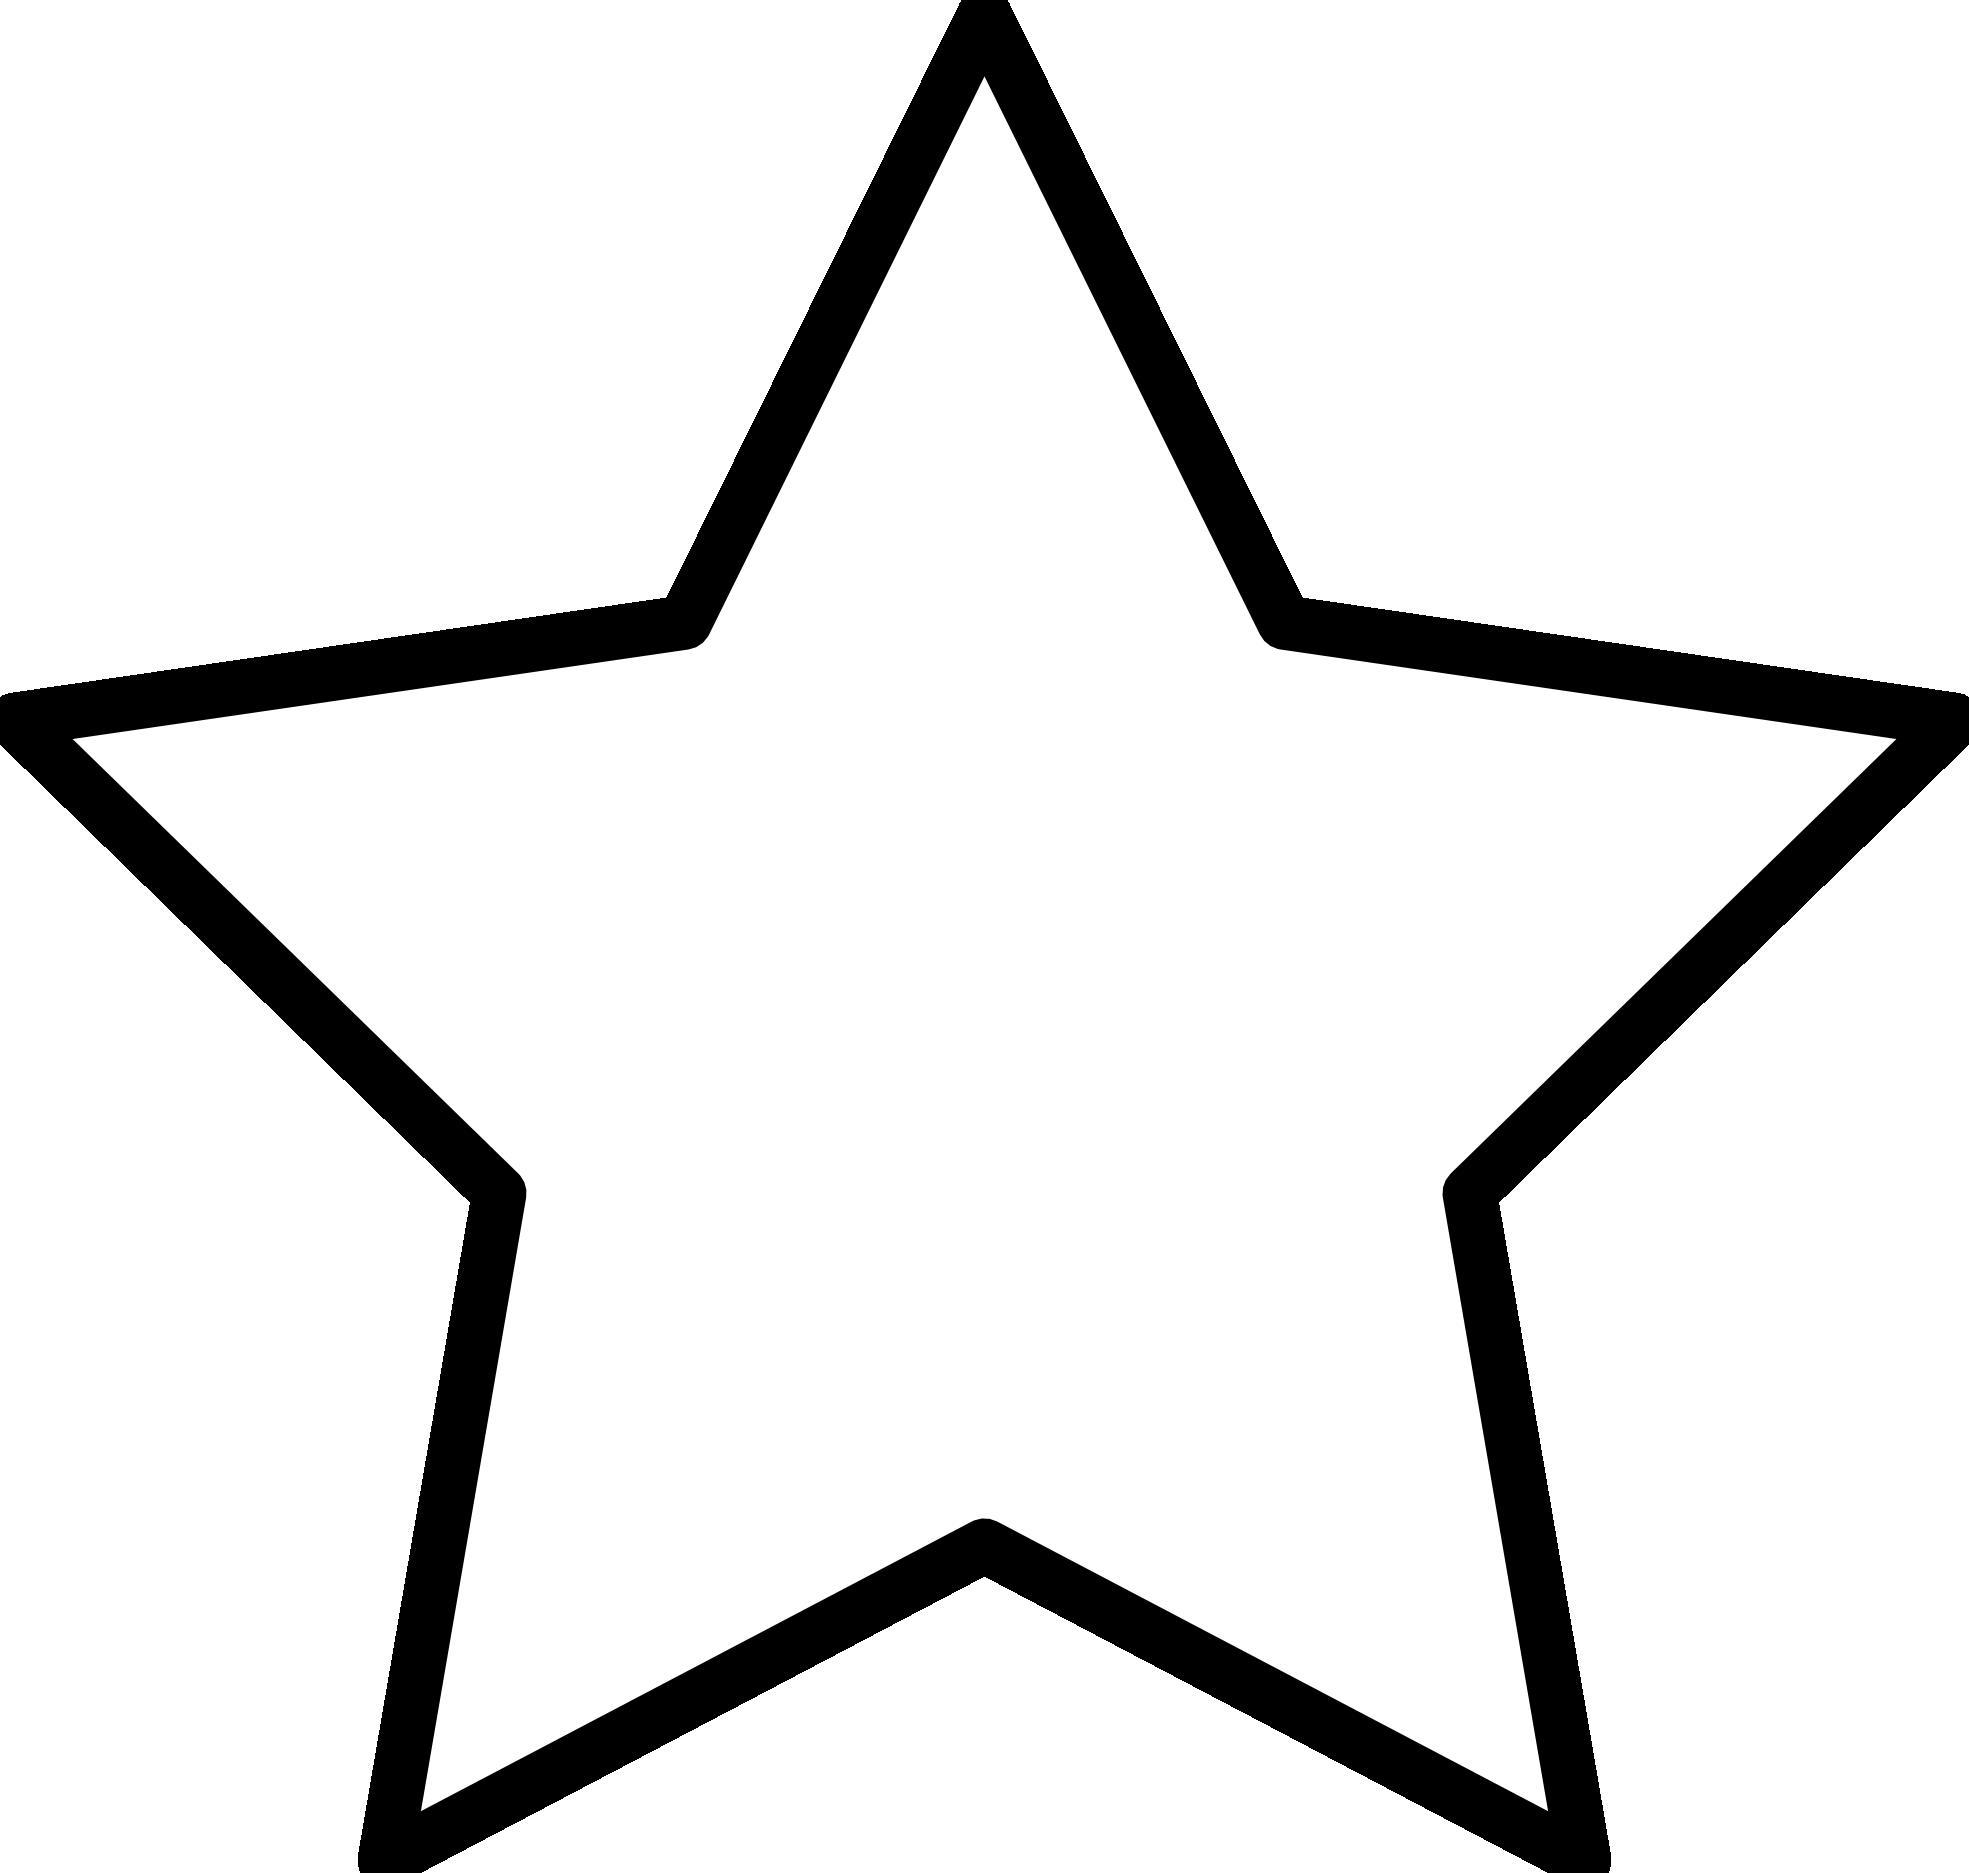 Игрушка звезда новогодняя шаблон Раскраска сказочная зима